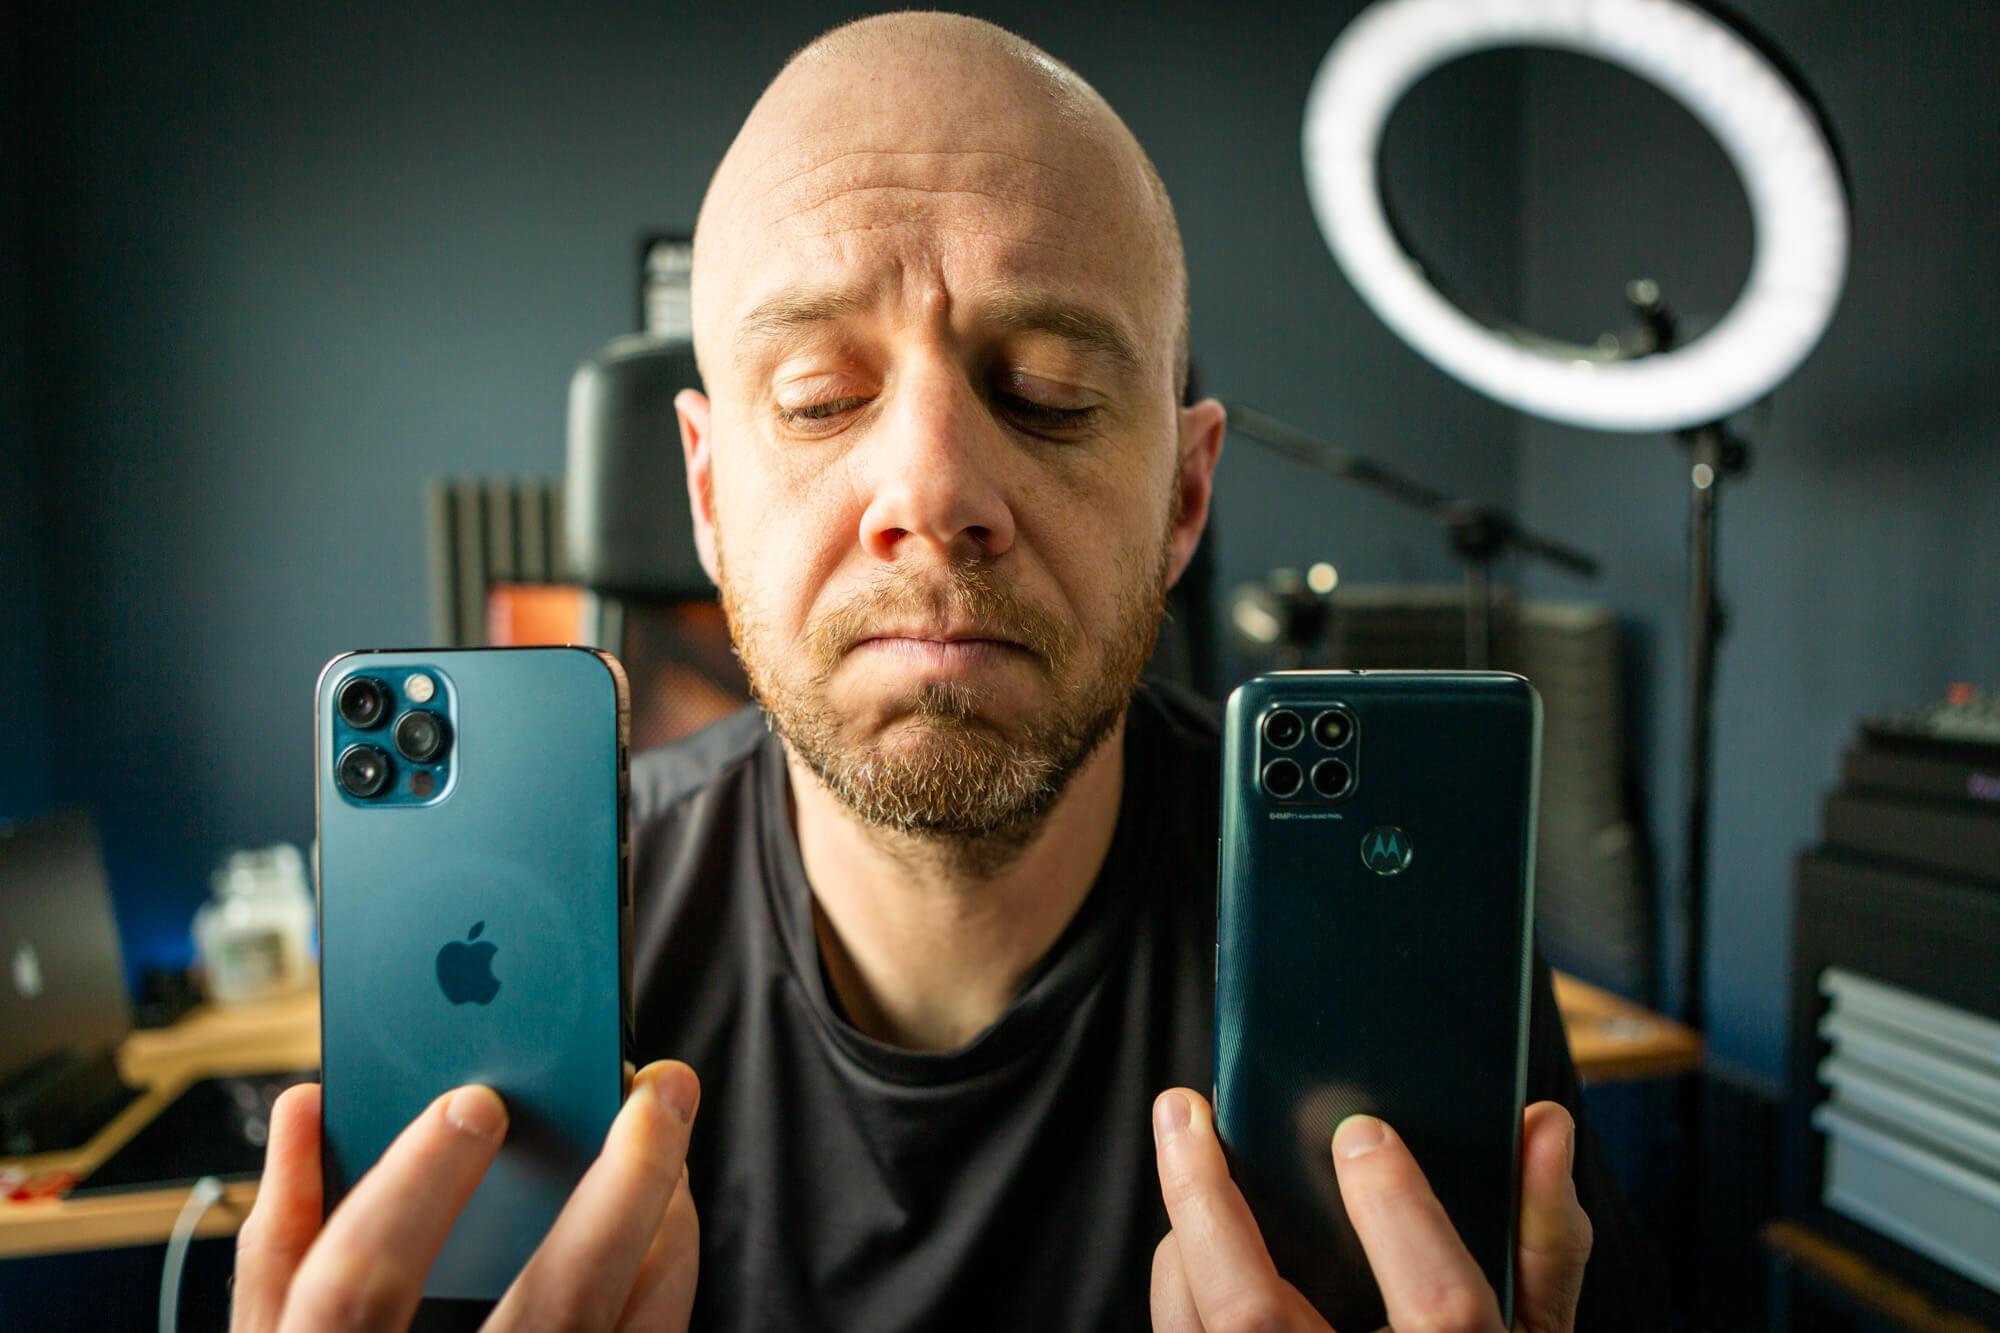 Android versus iOS